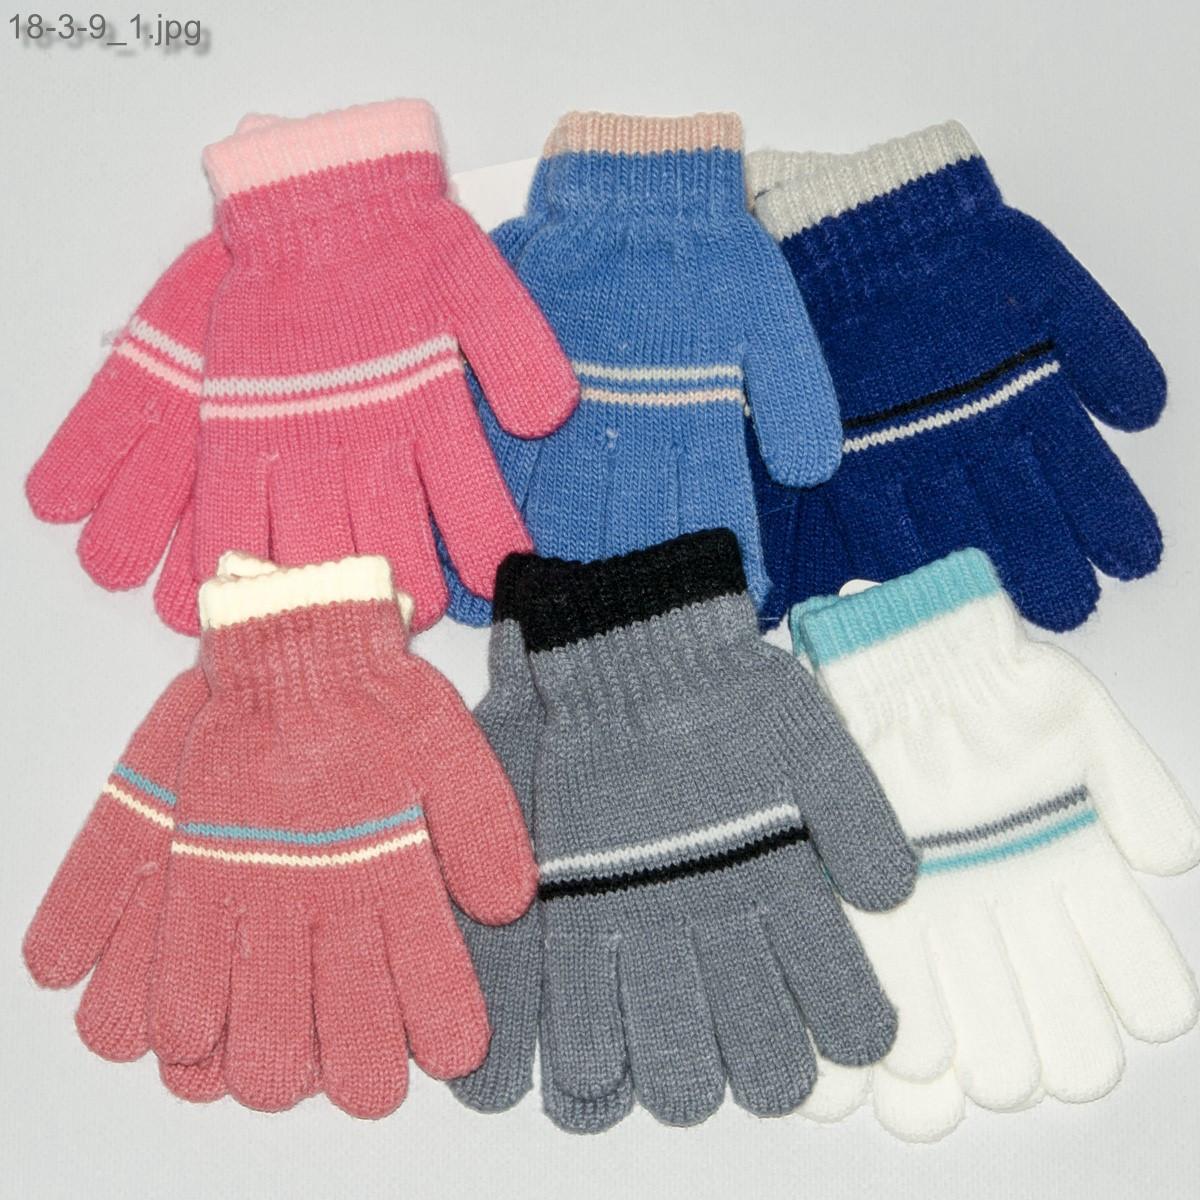 Перчатки детские на девочек и мальчиков 2-4 лет - №18-3-9